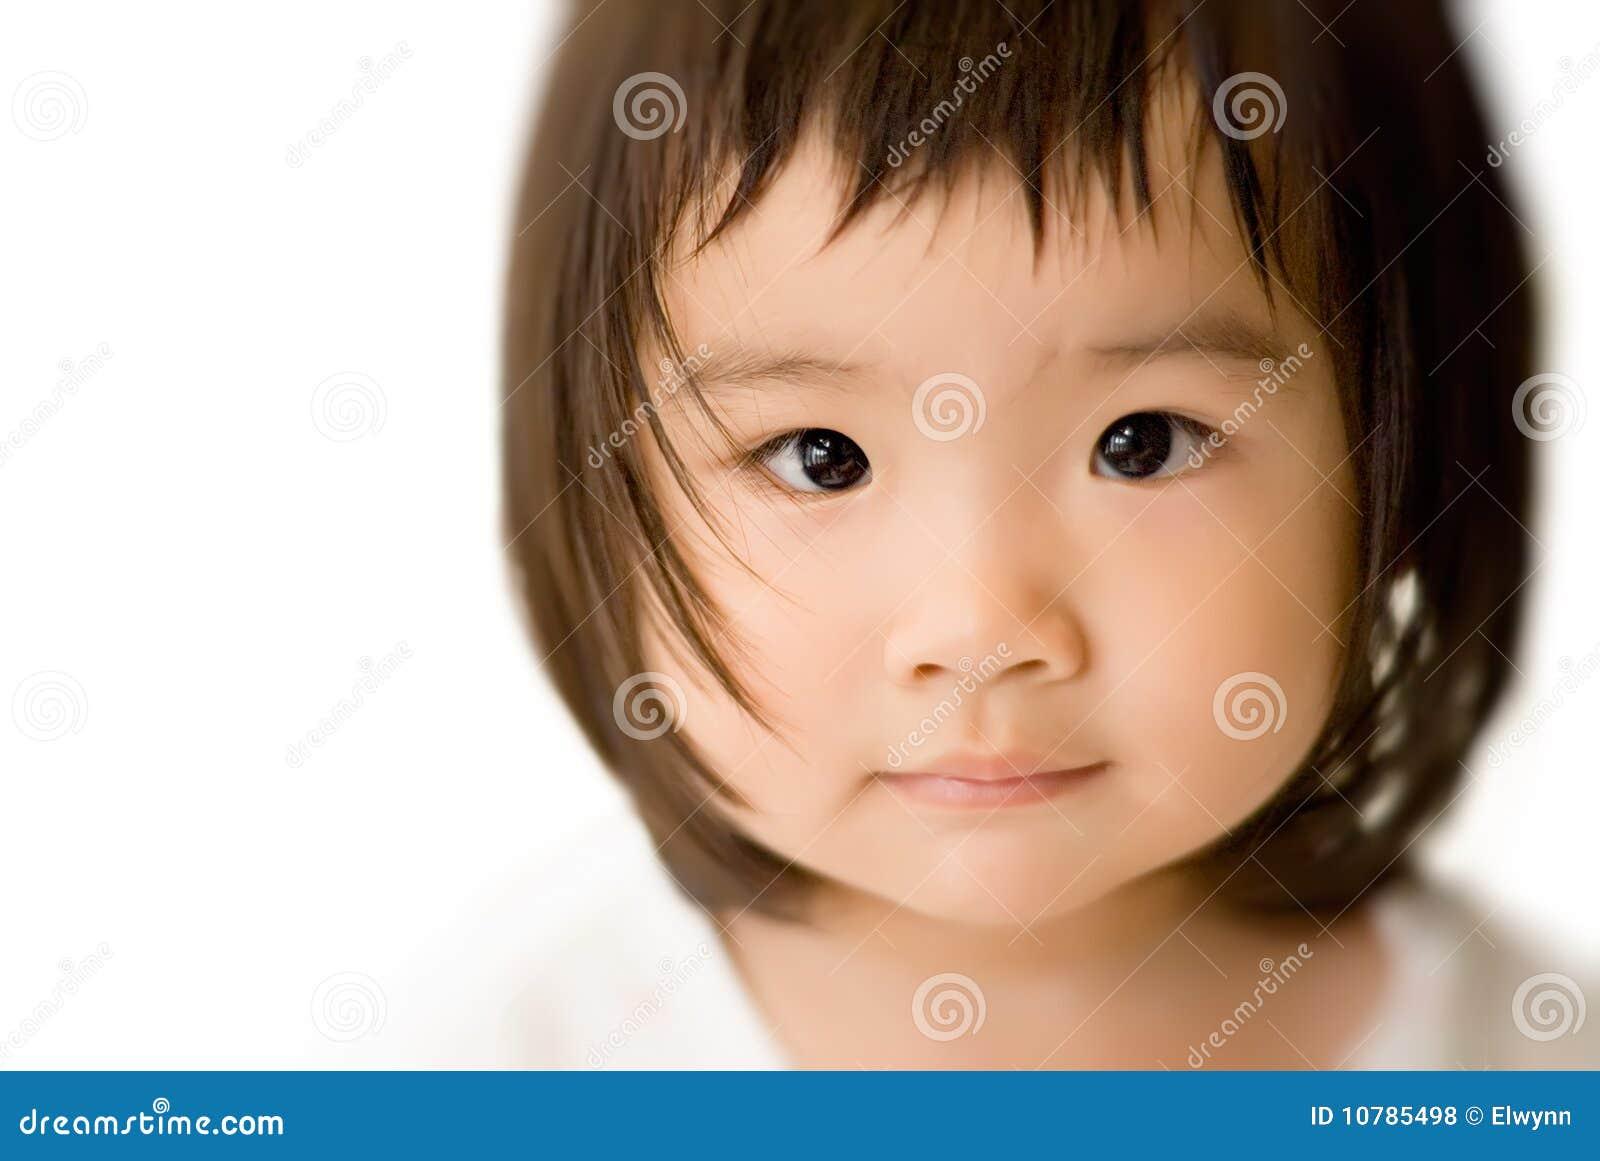 Face asiática inocente do bebê